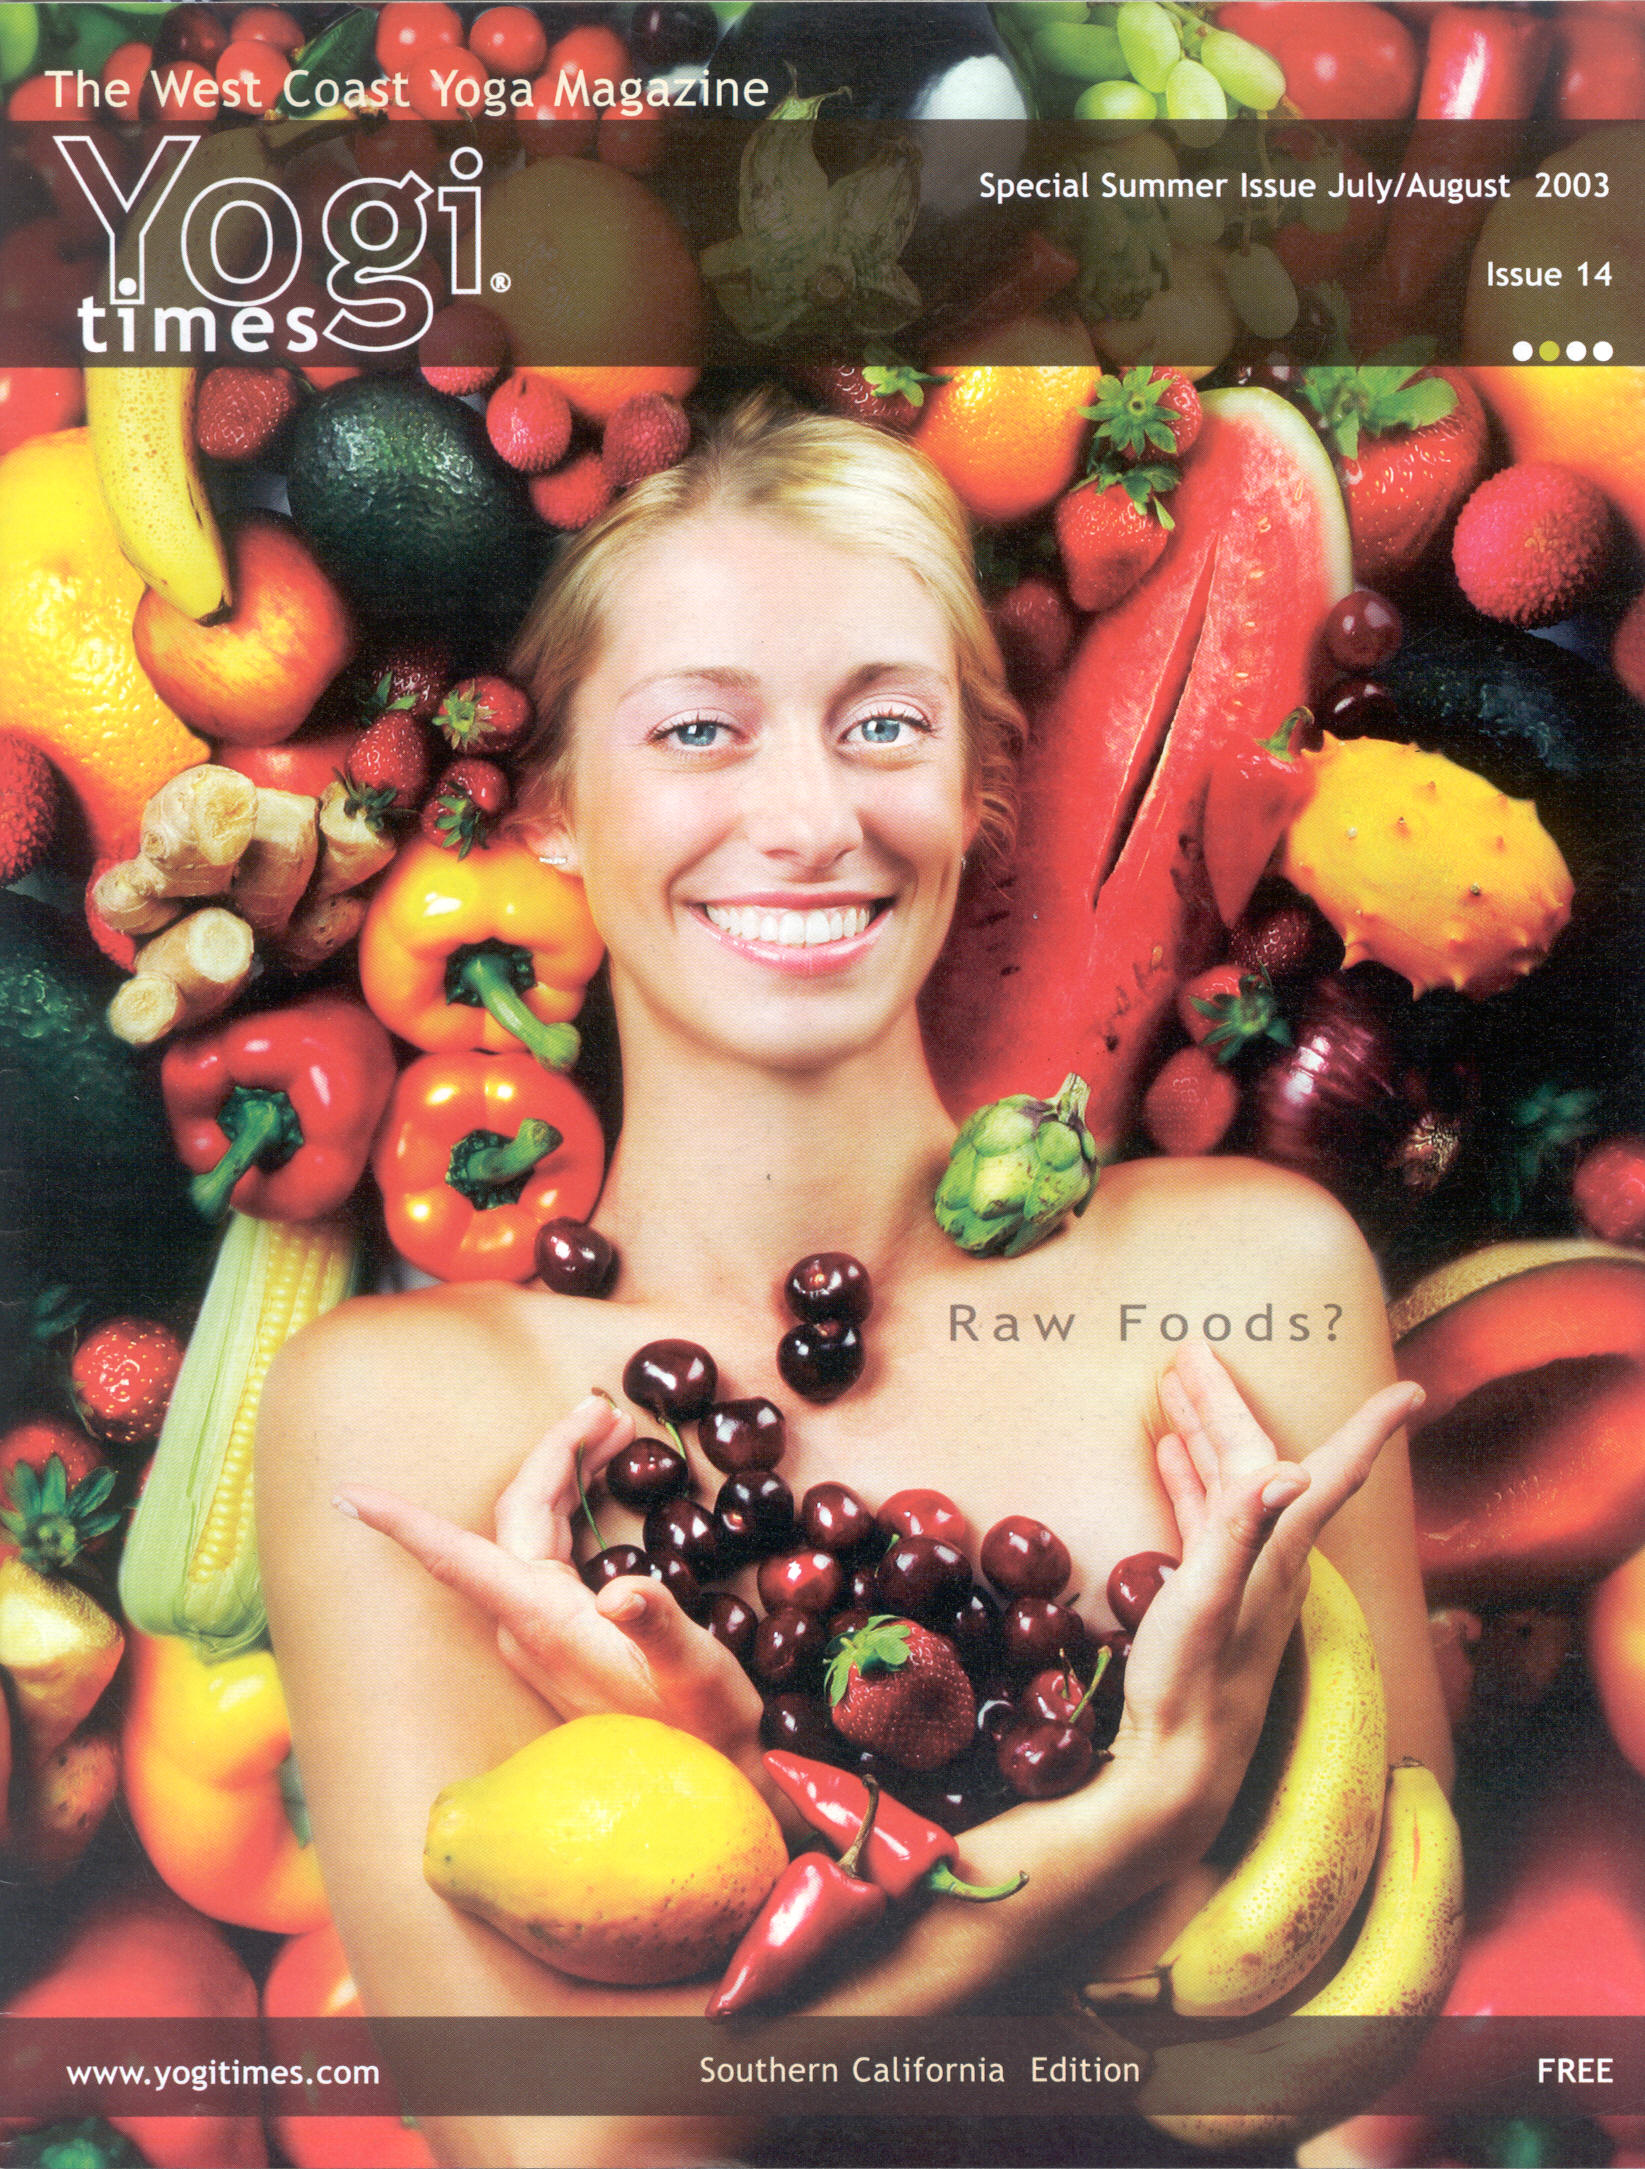 yogi times cover page.jpg